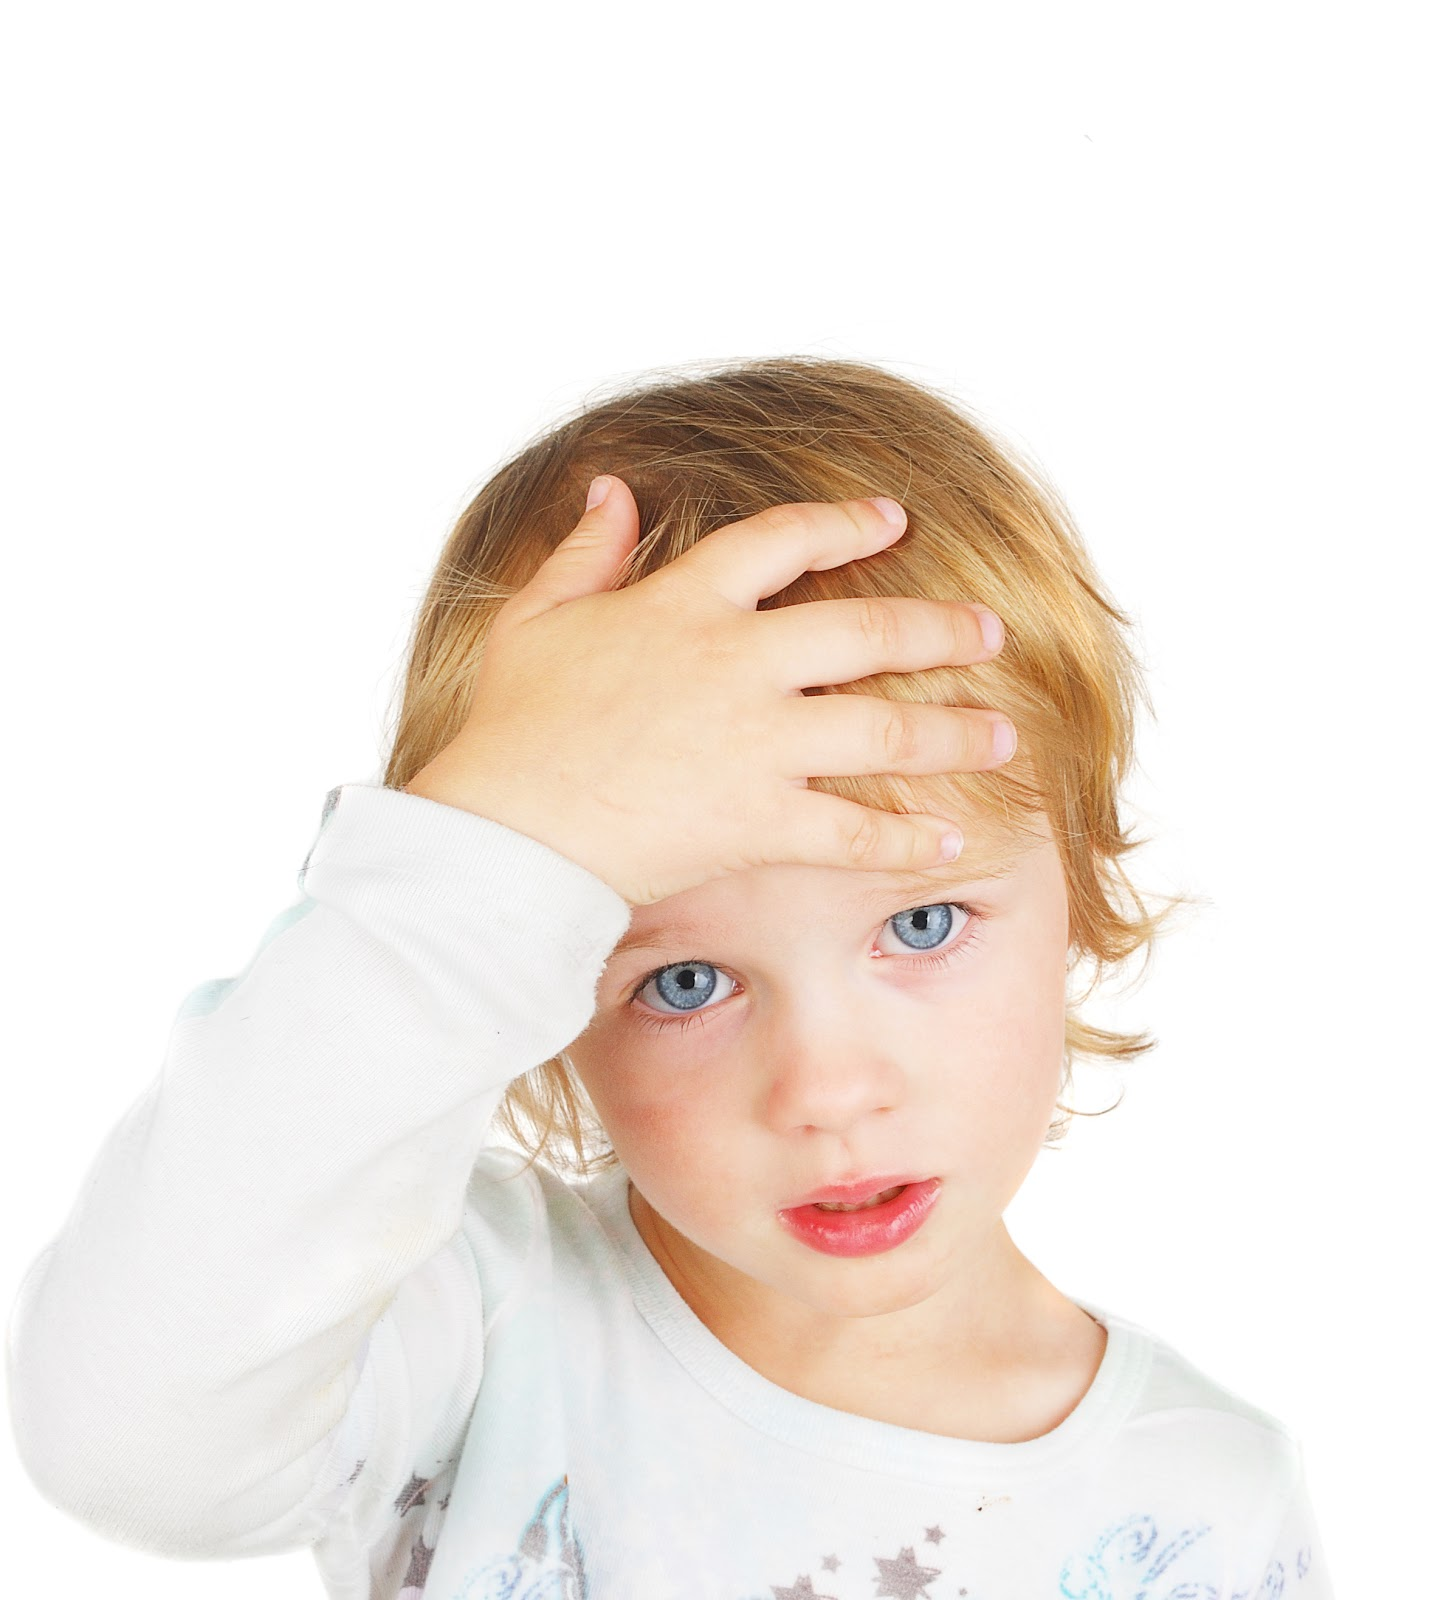 Особенно подобным симптомом страдают дети 7 лет.